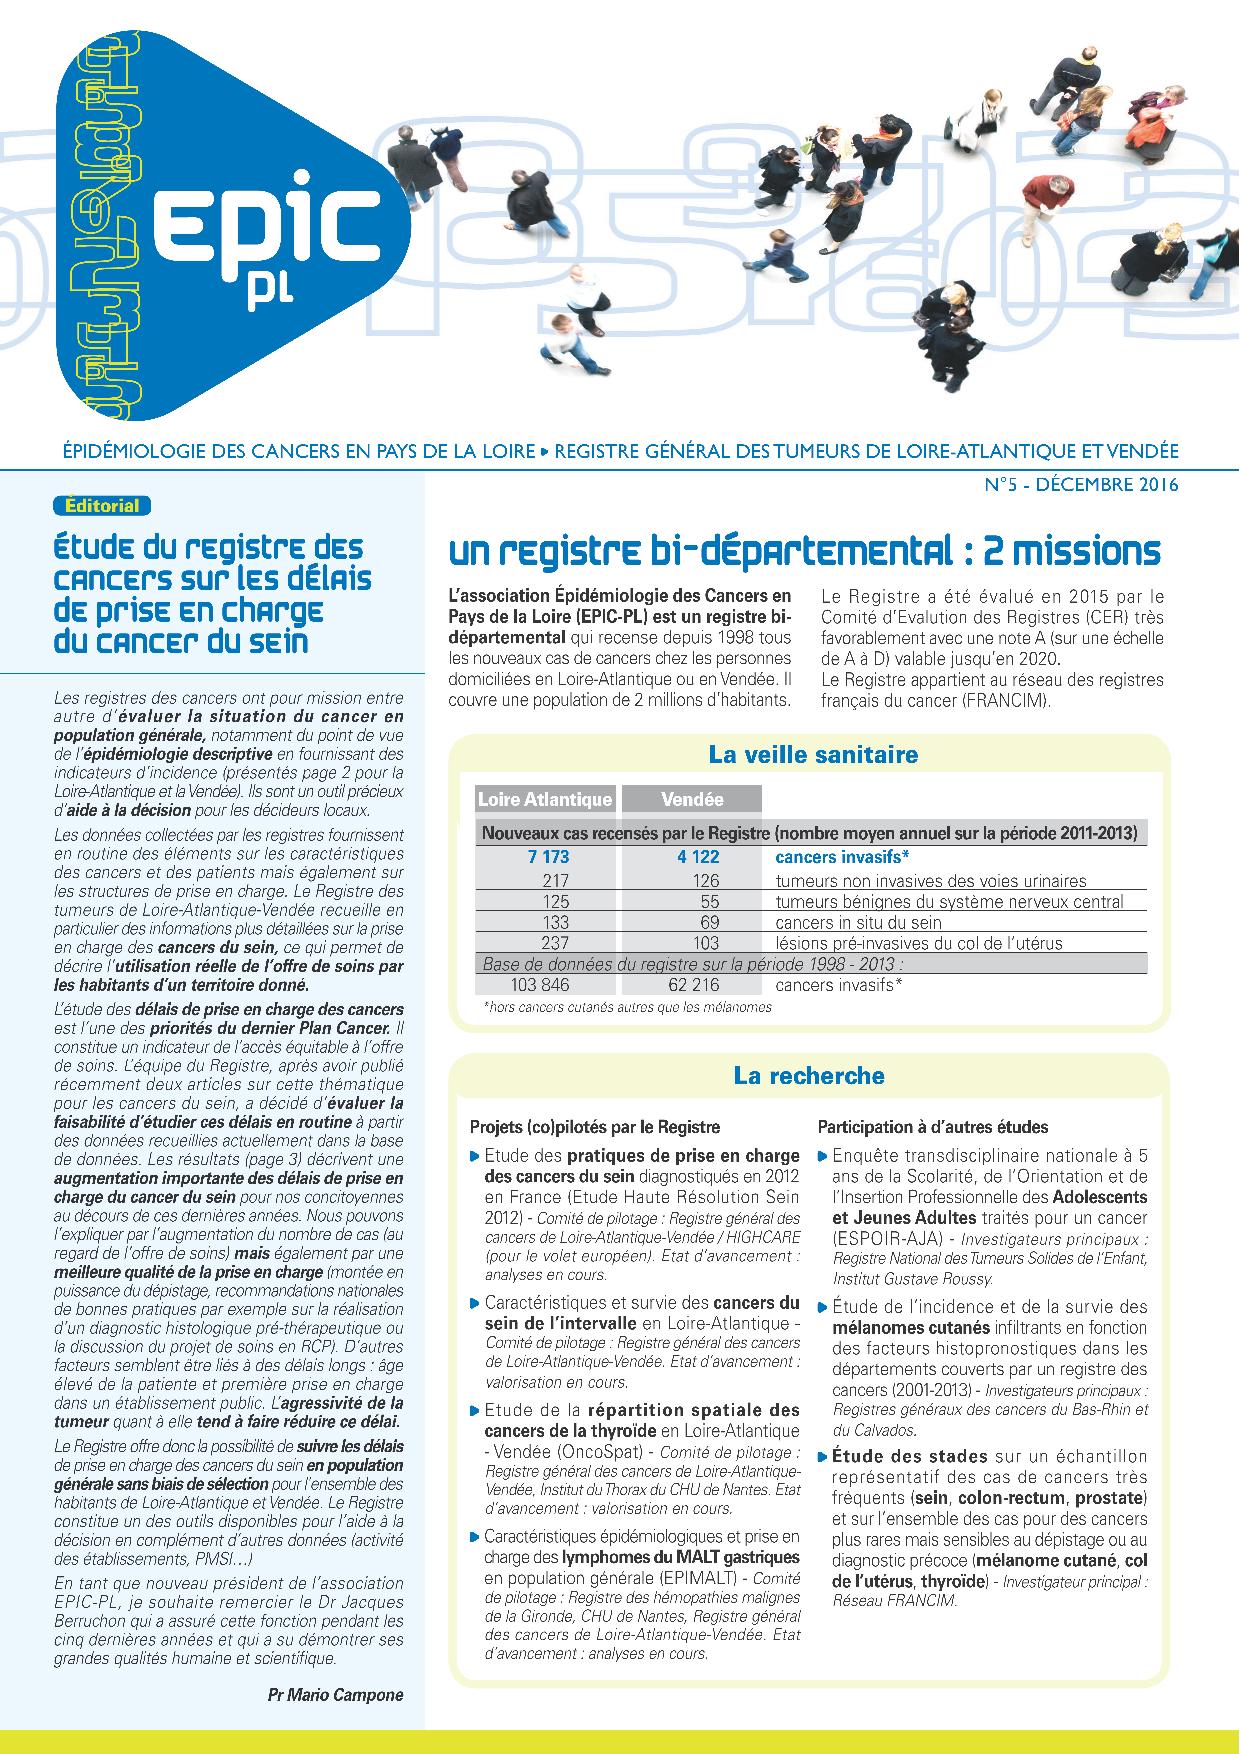 Registre des cancers Bulletin d'information n°5, Décembre 2016